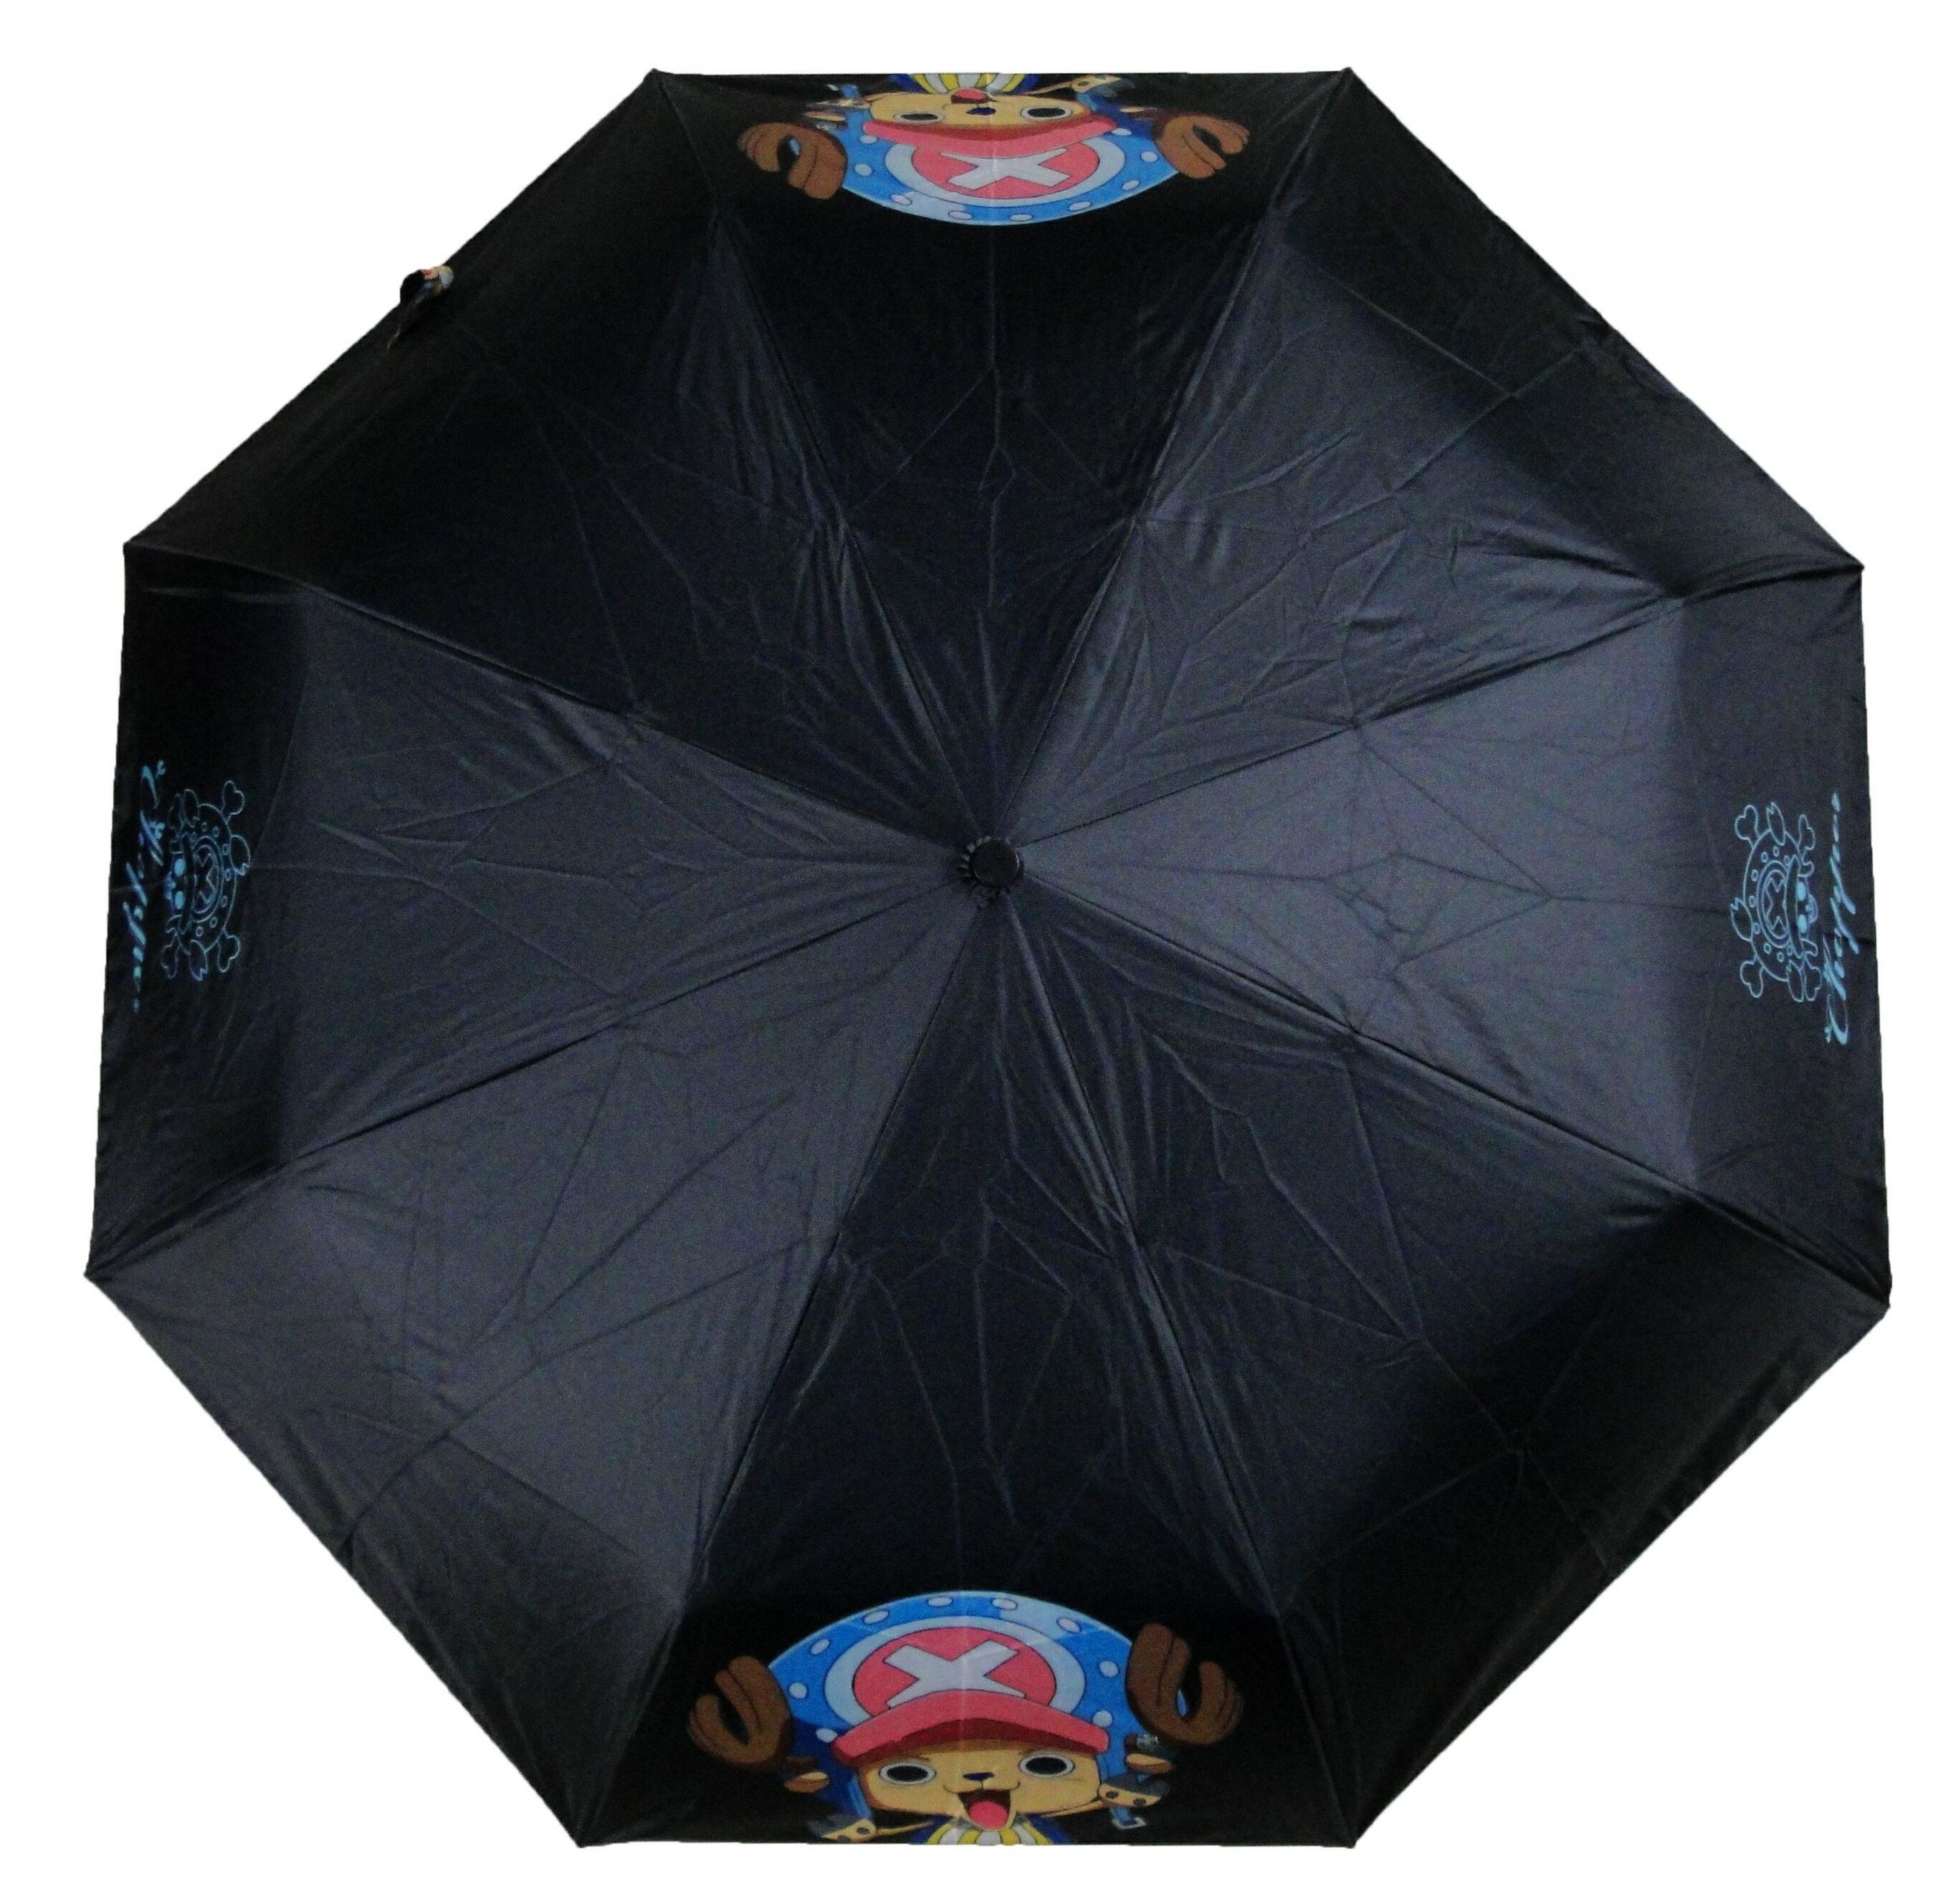 One Piece 航海王 海賊王 喬巴 Chopper 黑色 自動傘 雨傘 陽傘 晴雨傘